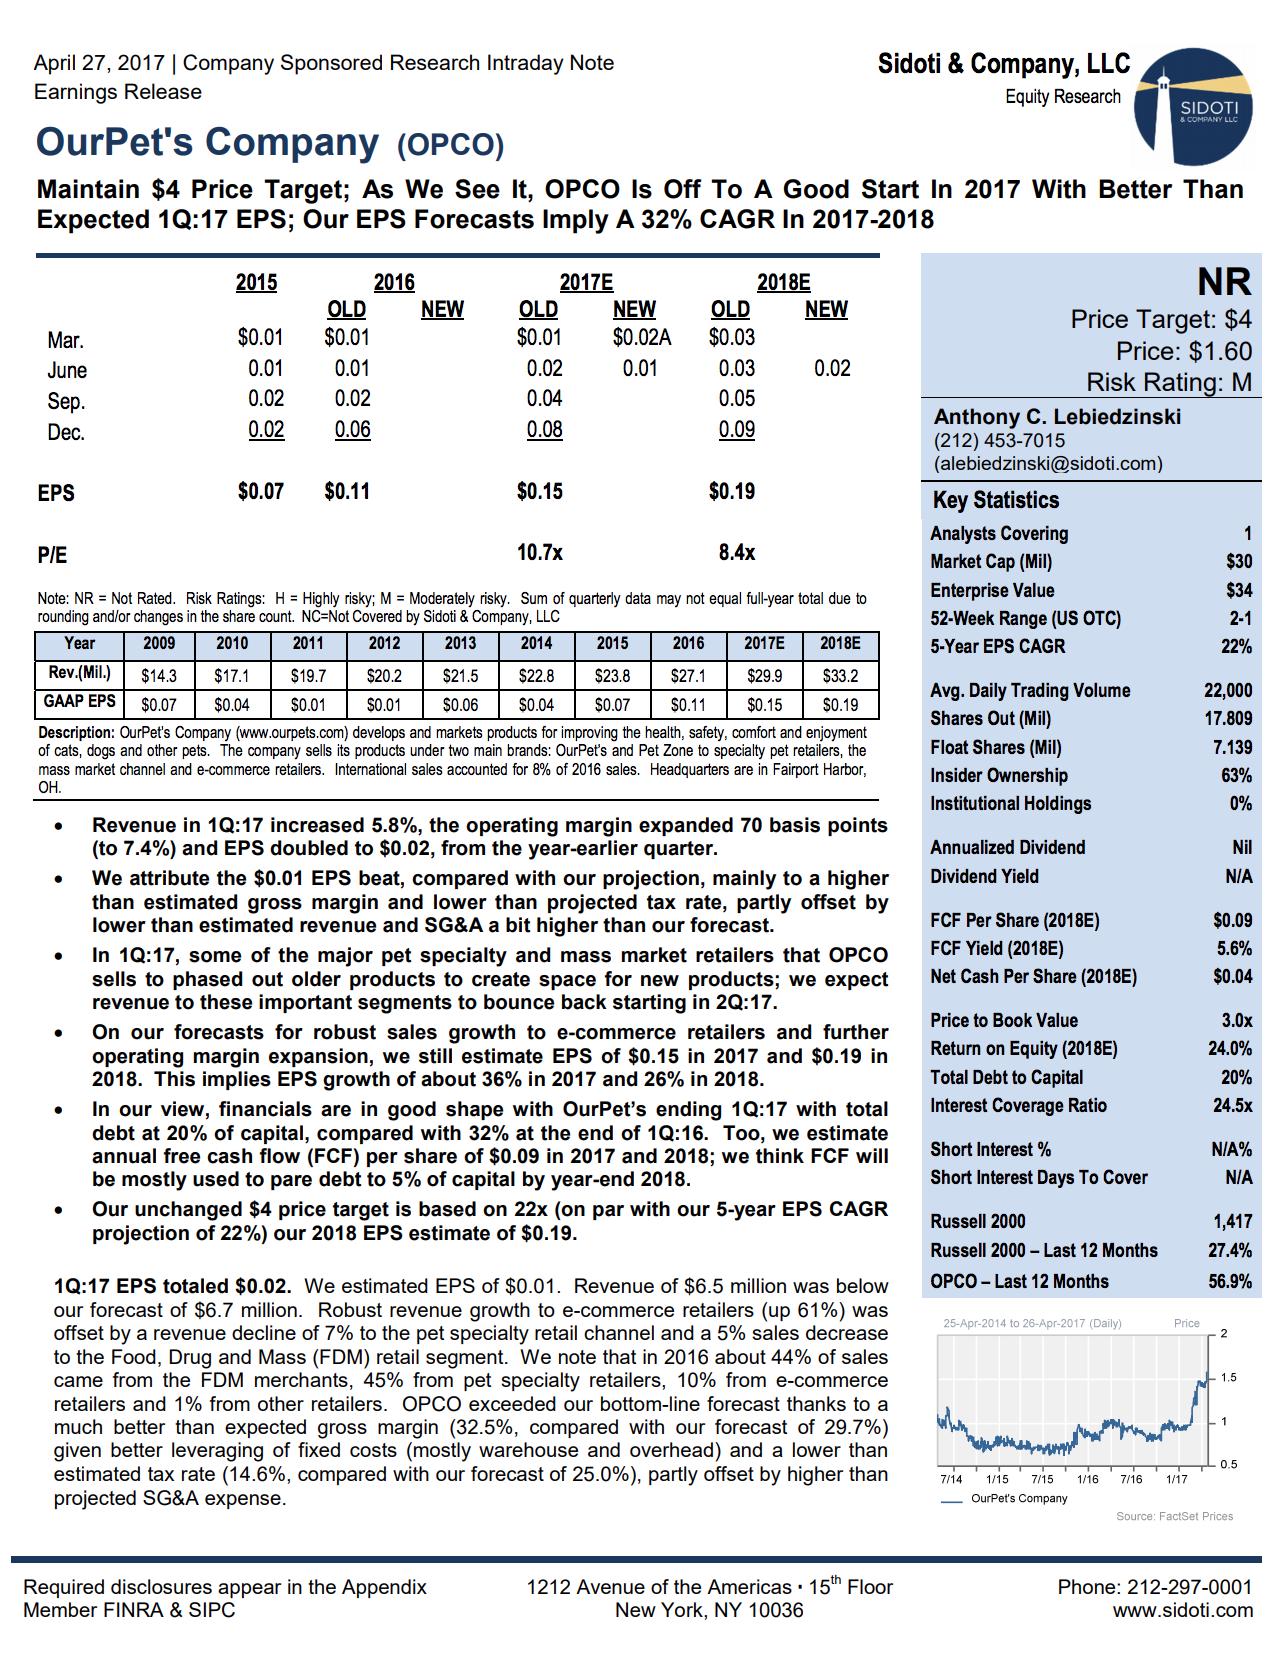 Earnings Report: April 27, 2017